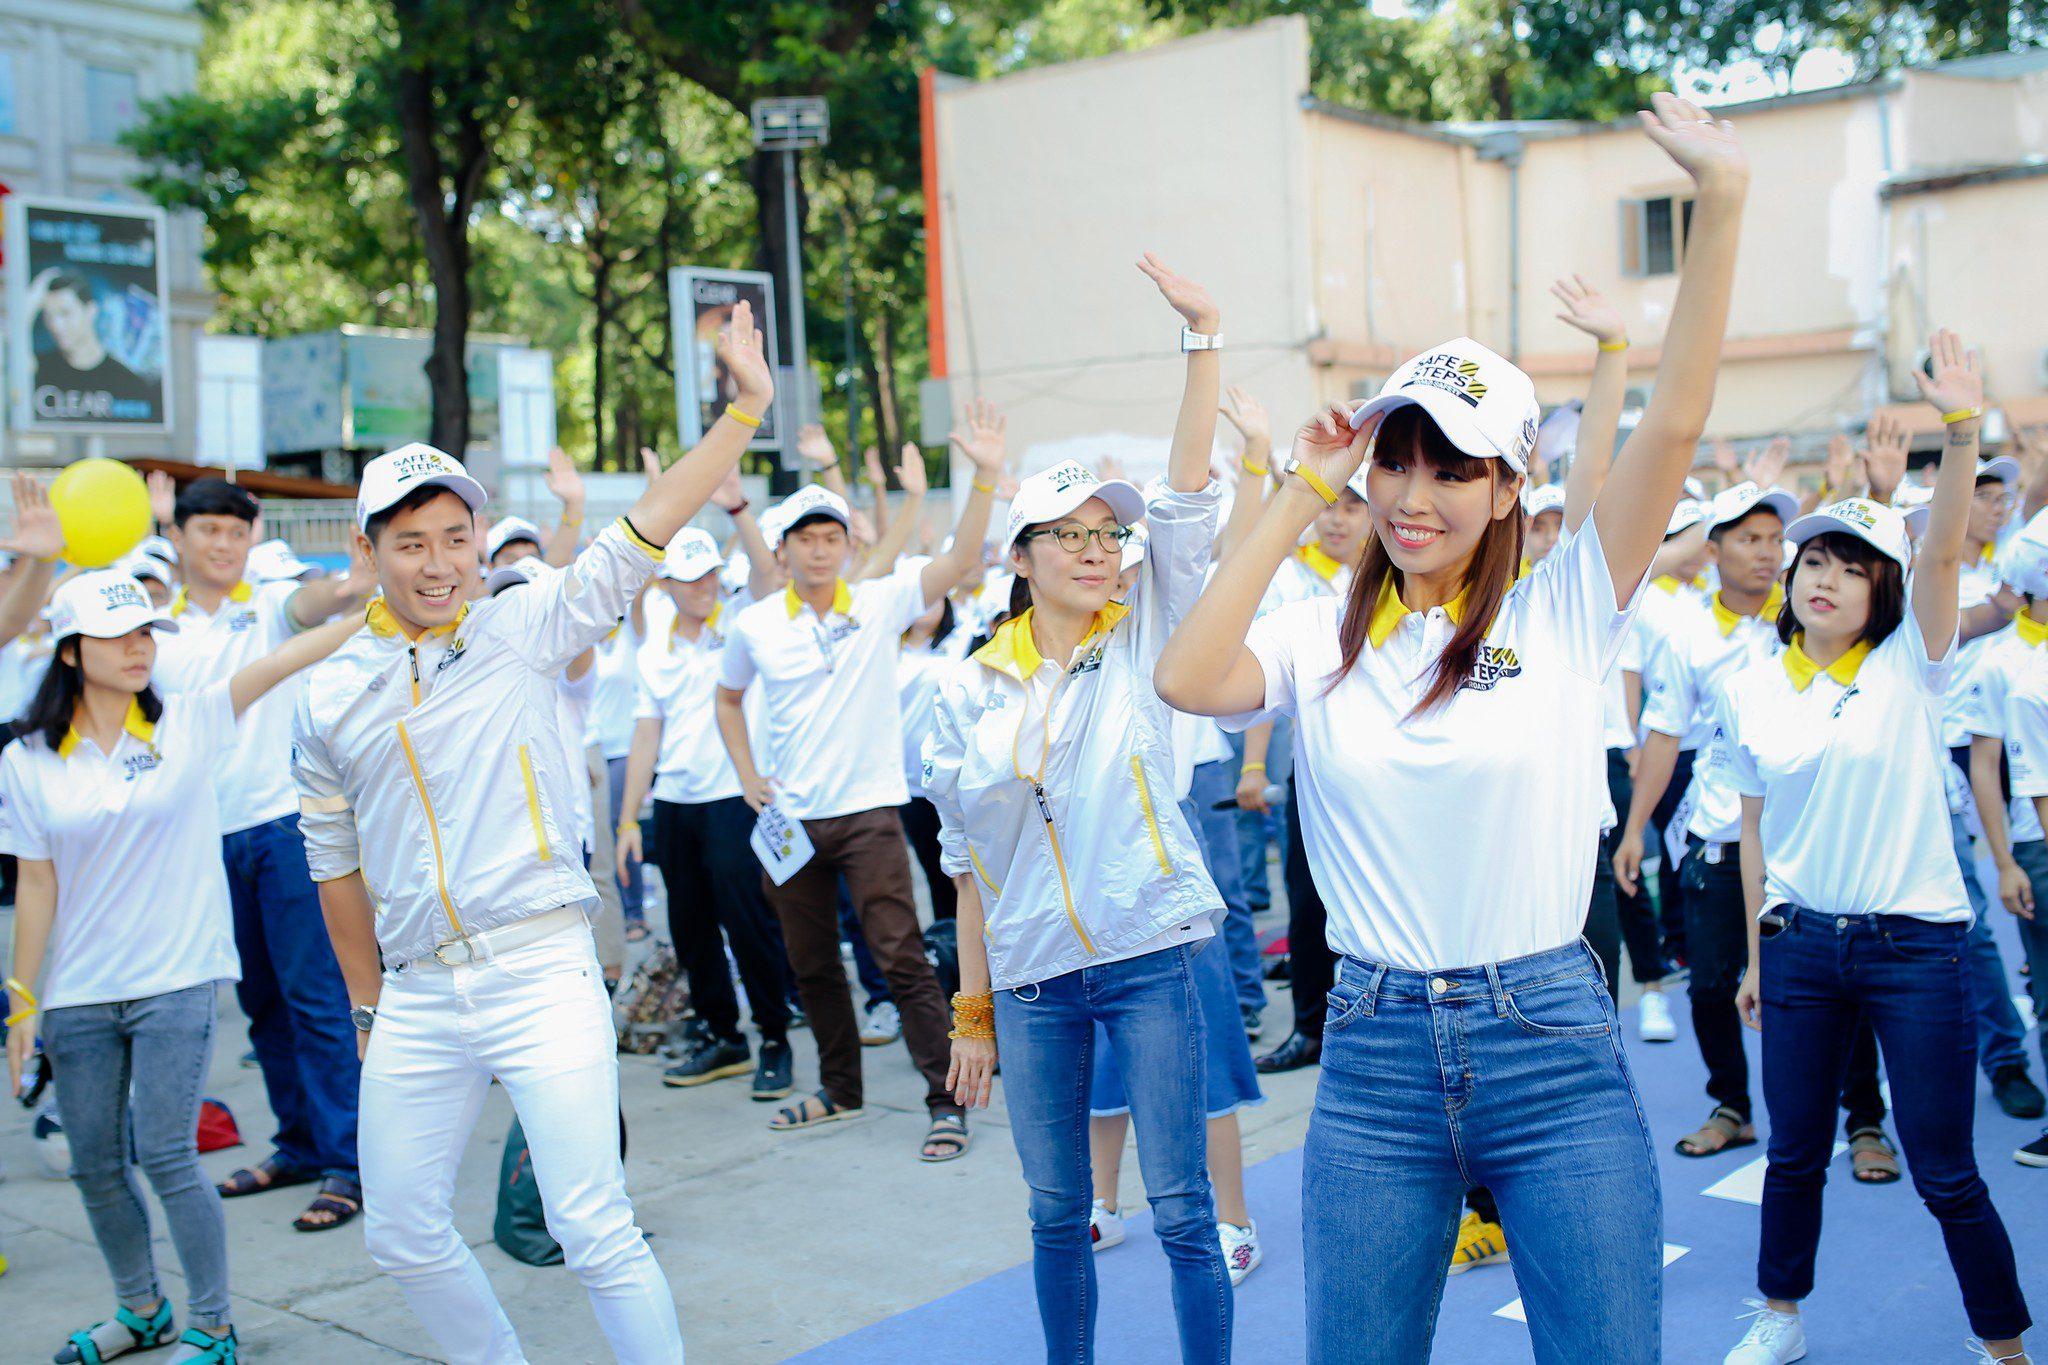 Ao thun Safe steps Road Safety 14 - Bừng sáng sự kiện Safe Steps của Liên Hợp Quốc tại Việt Nam với áo thun sự kiện